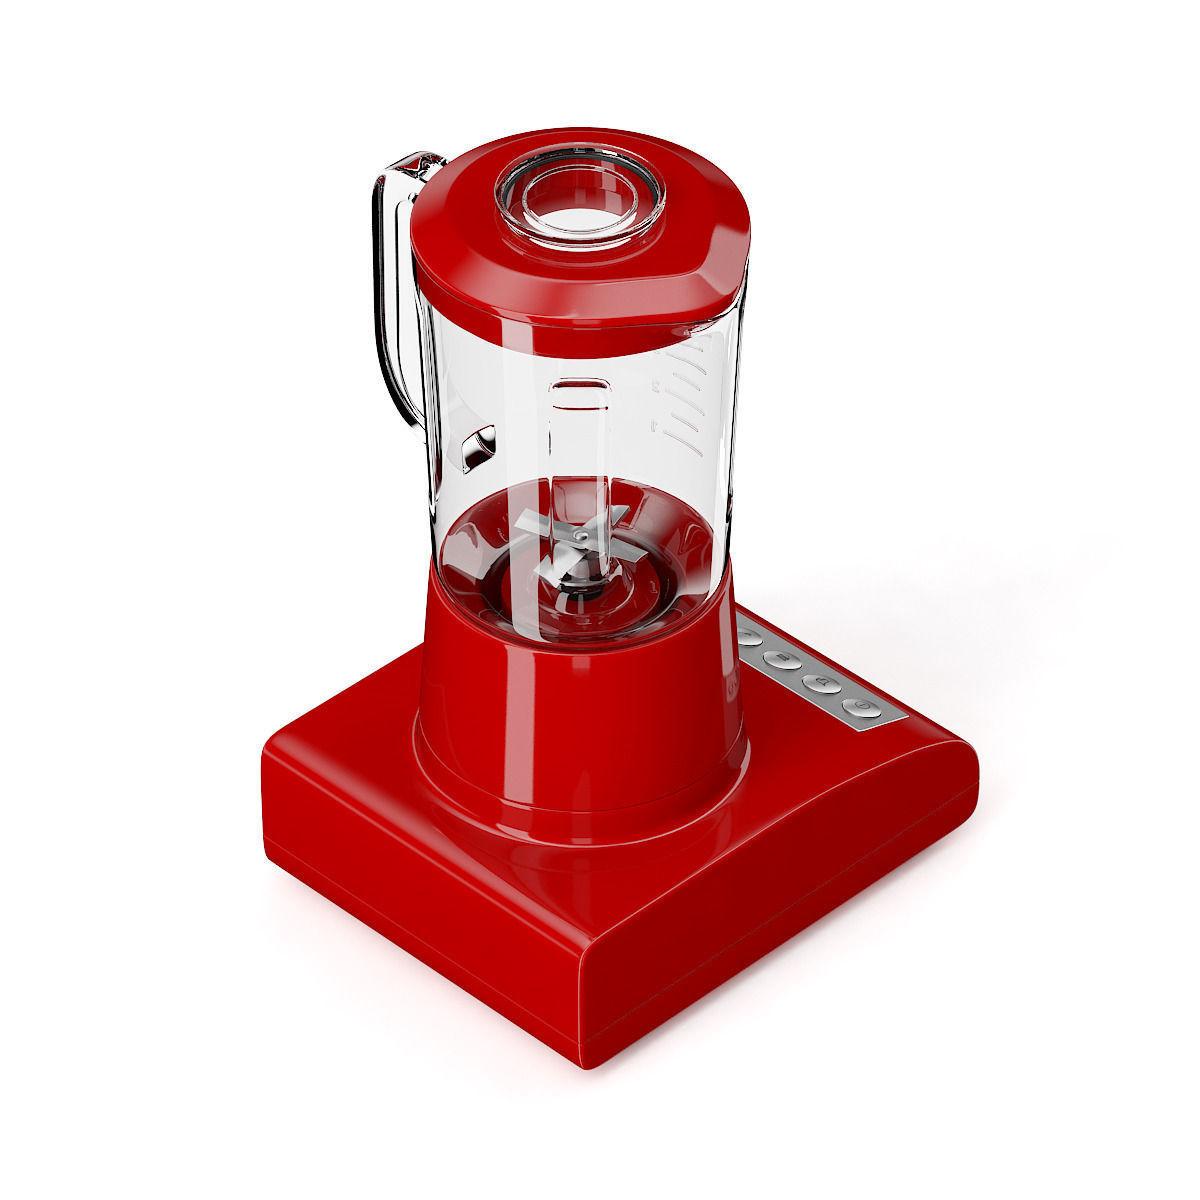 Red Countertop Blender 3D Model MAX OBJ FBX C4D MTL